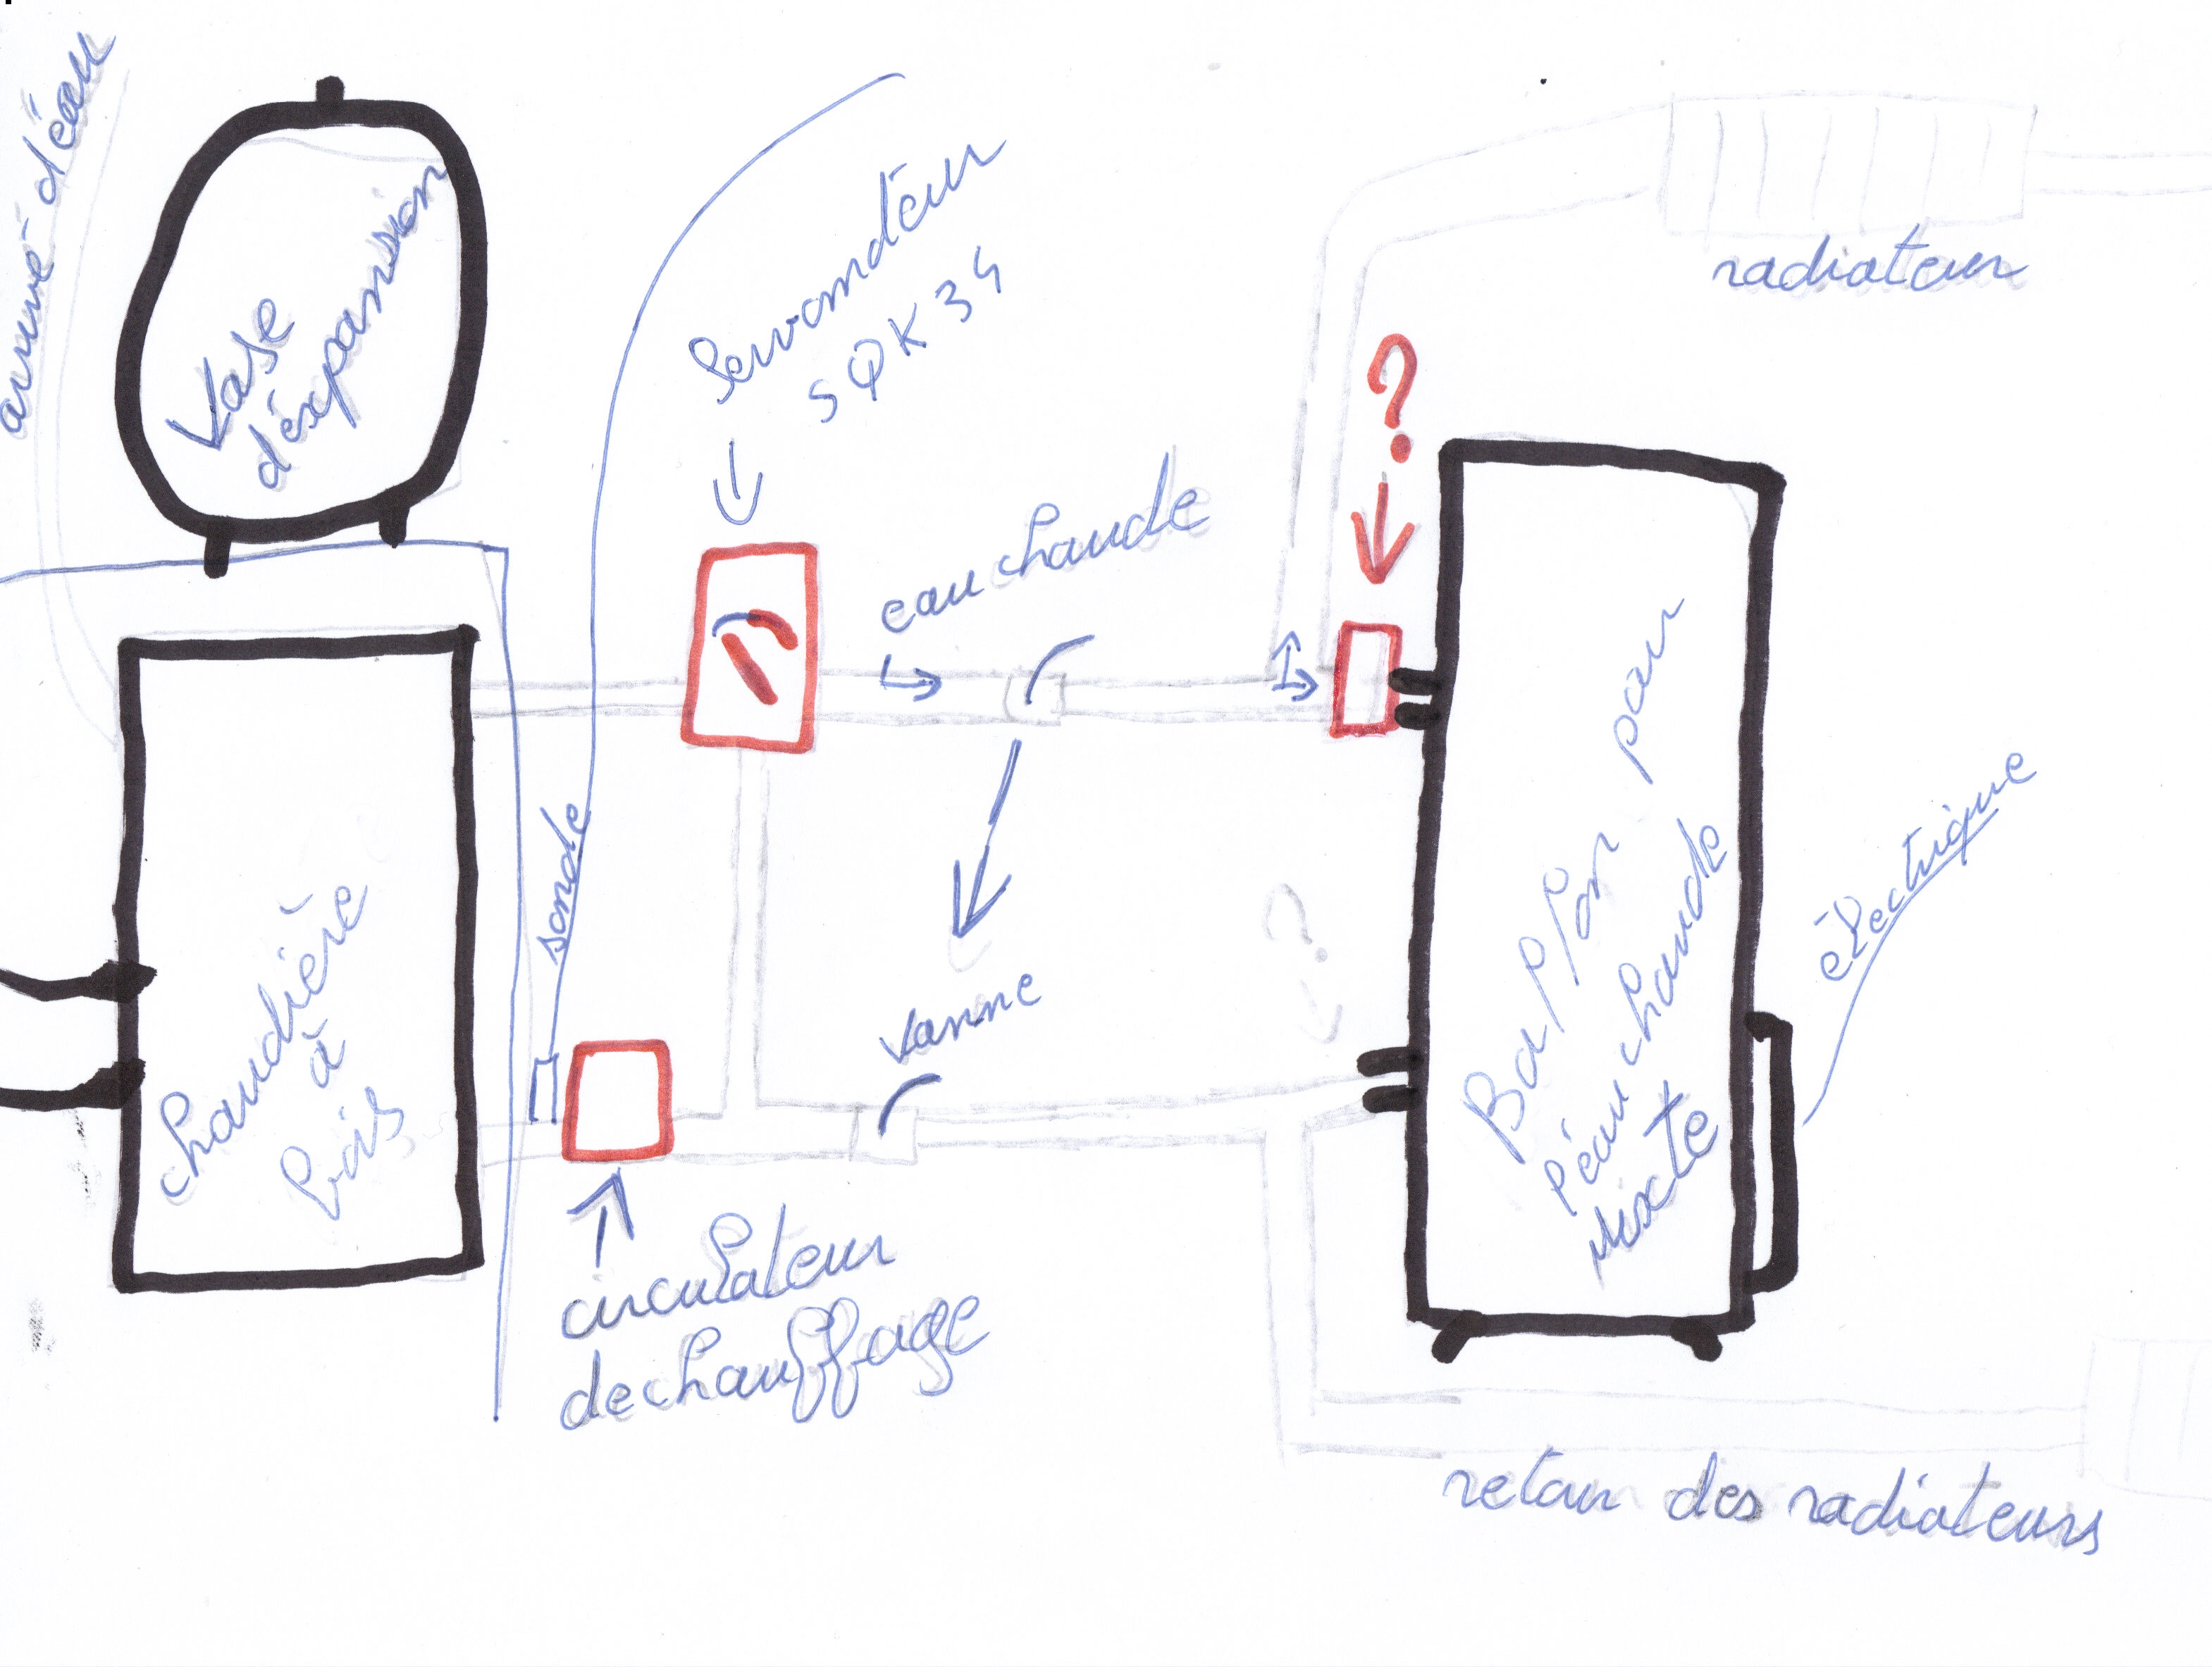 plan de branchement de chaudiére.jpg, 1.19 mb, 3139 x 2366